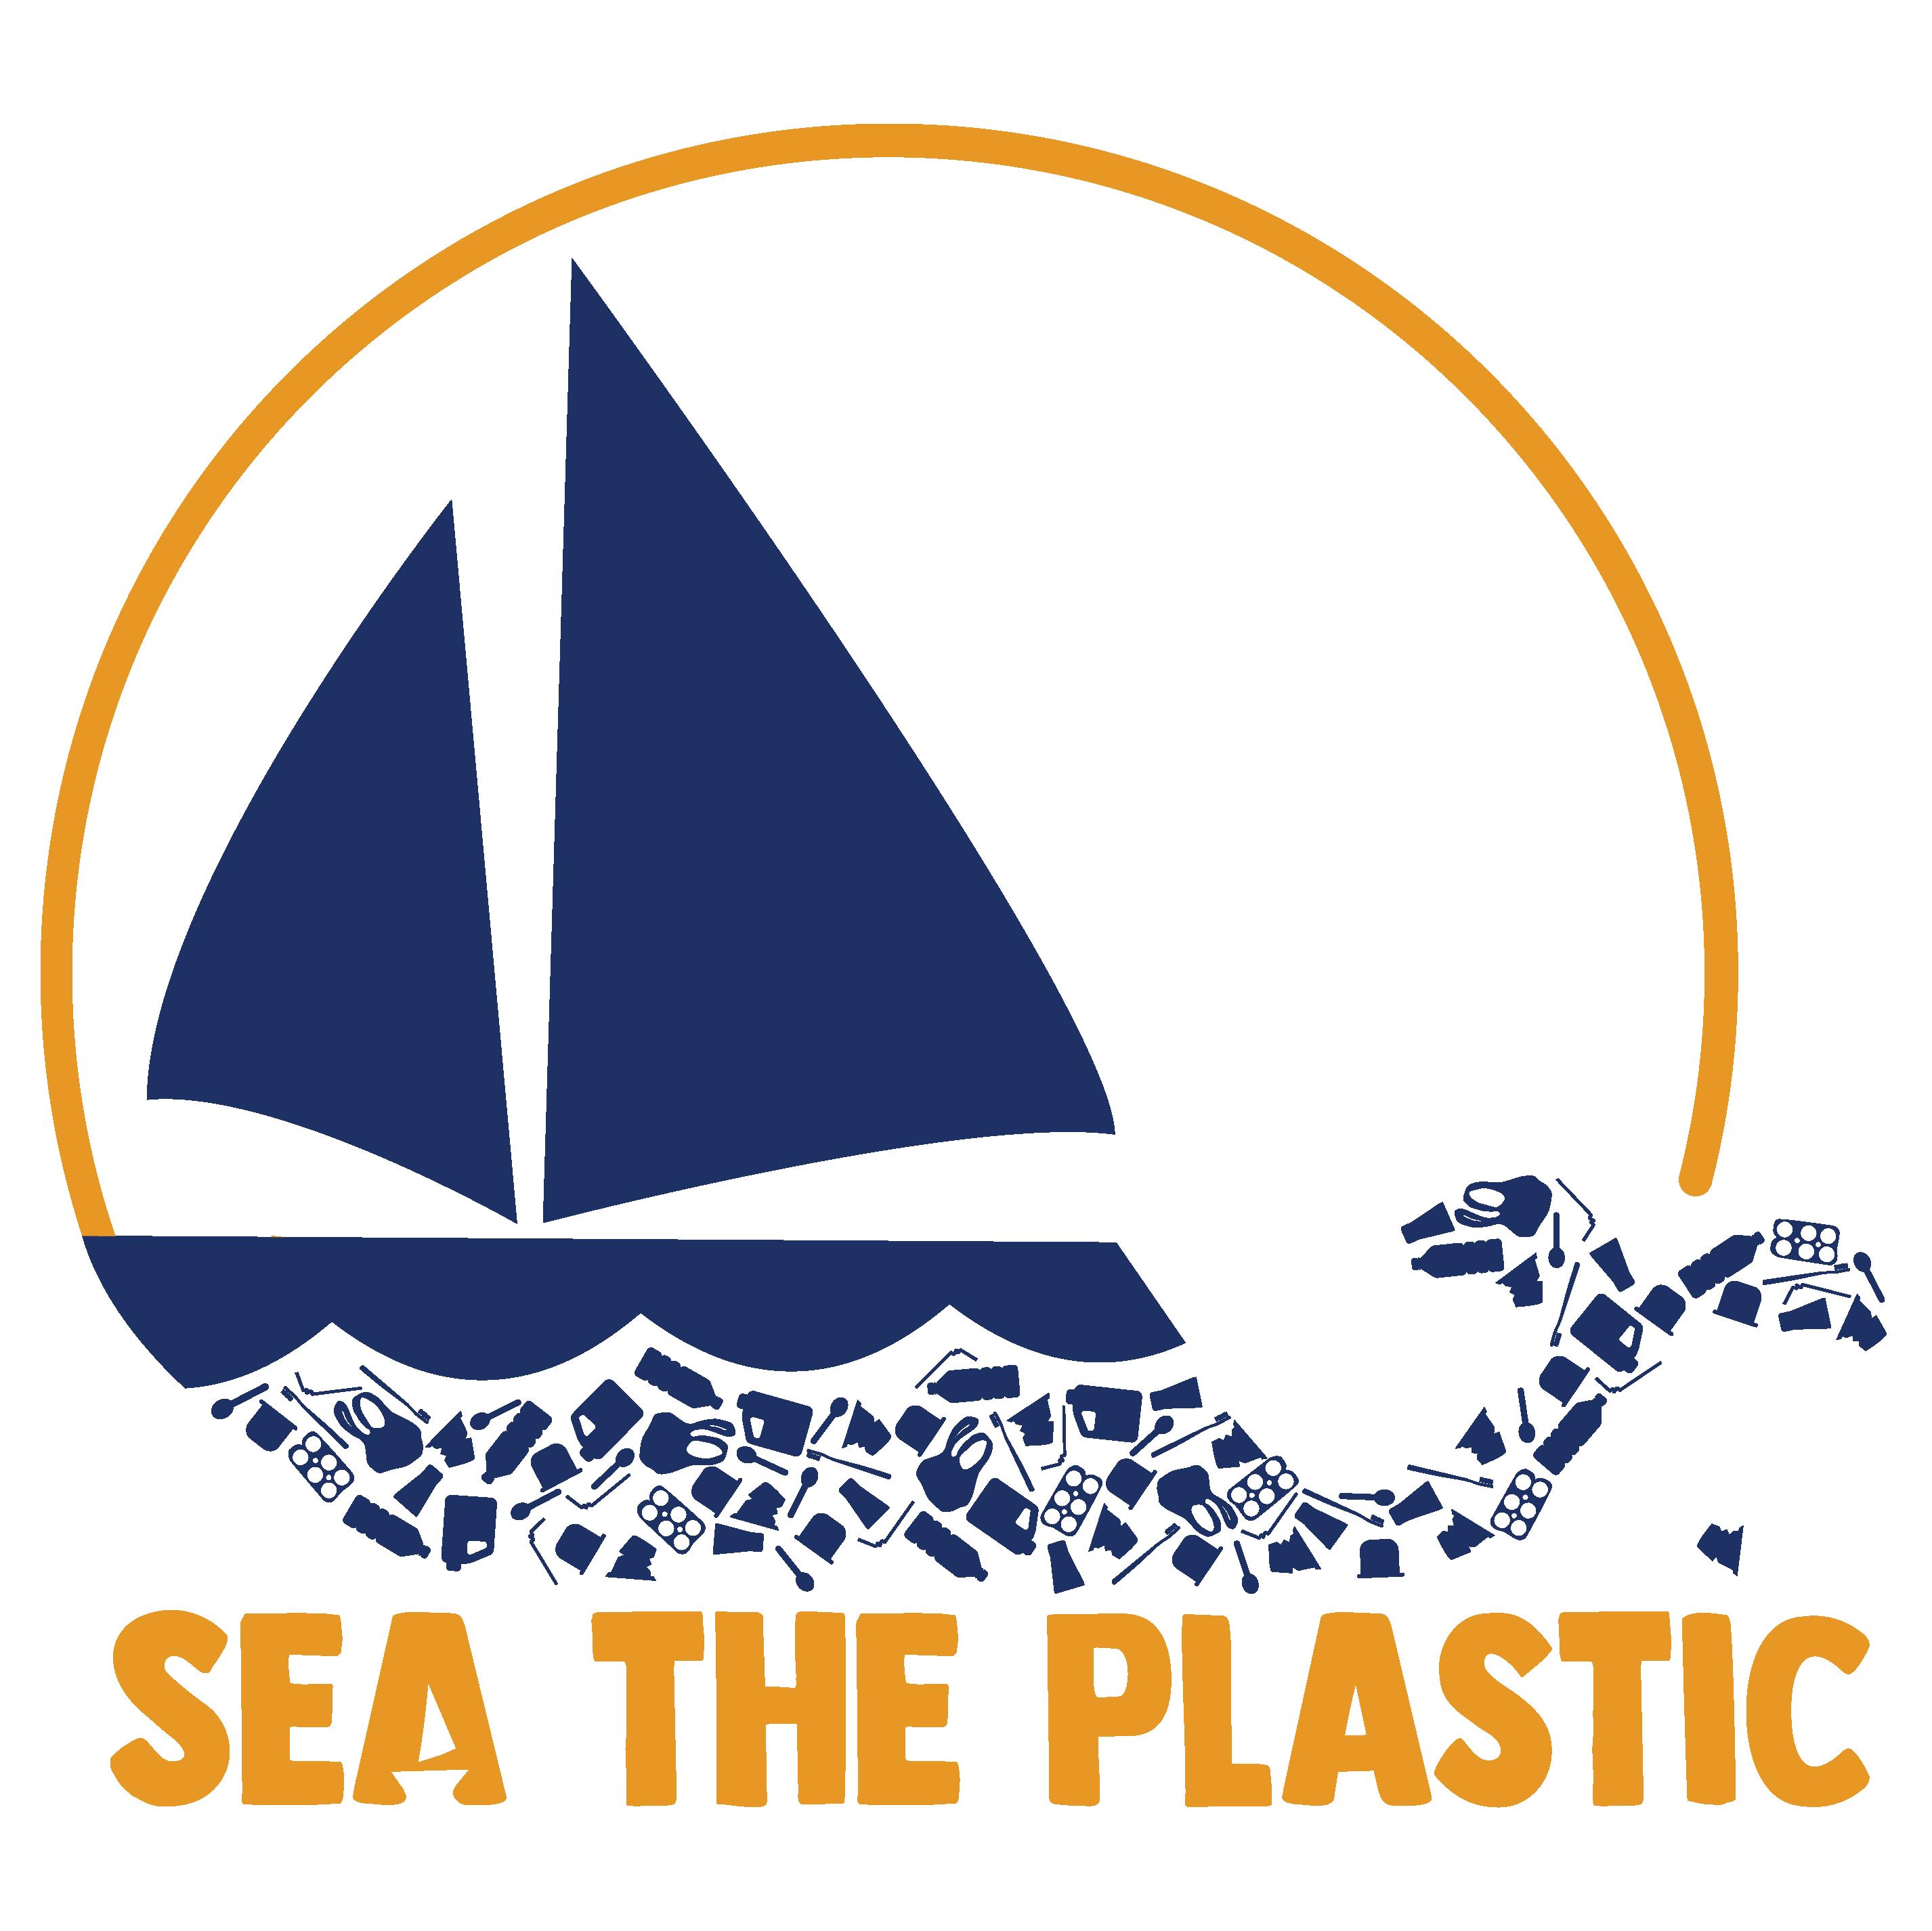 LOGO seatheplastic